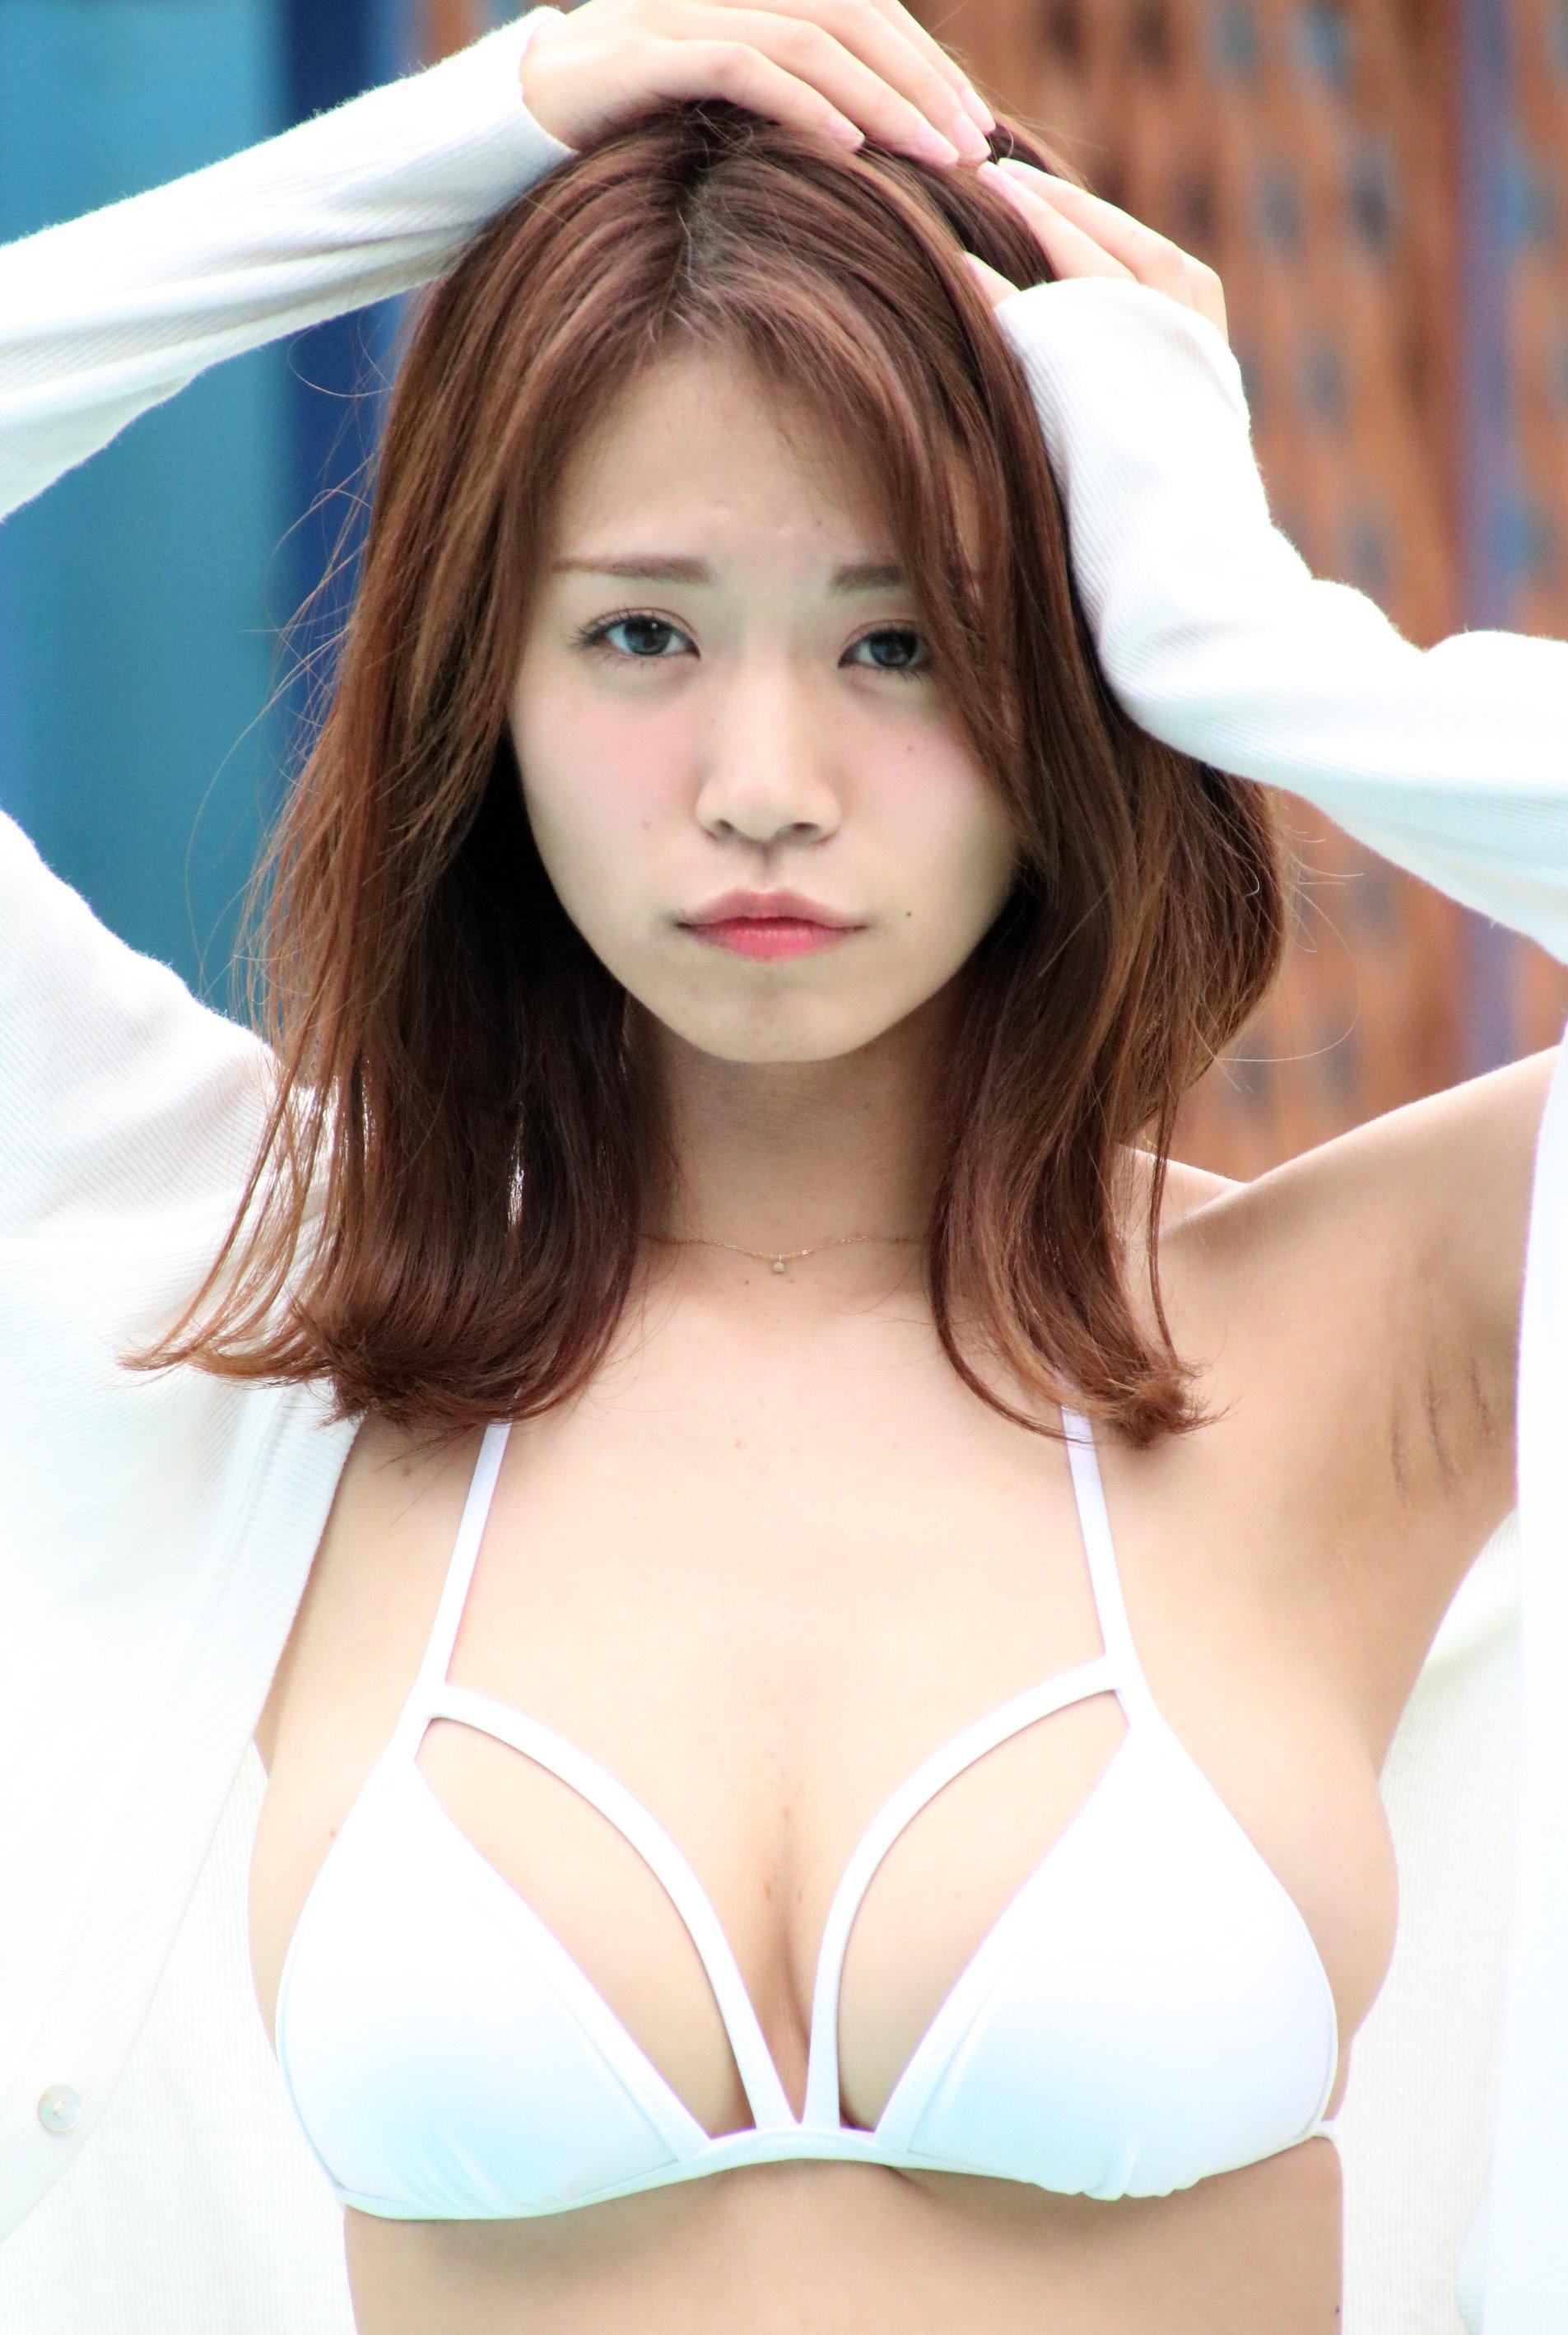 菜乃花のボツシワ腋 (4)